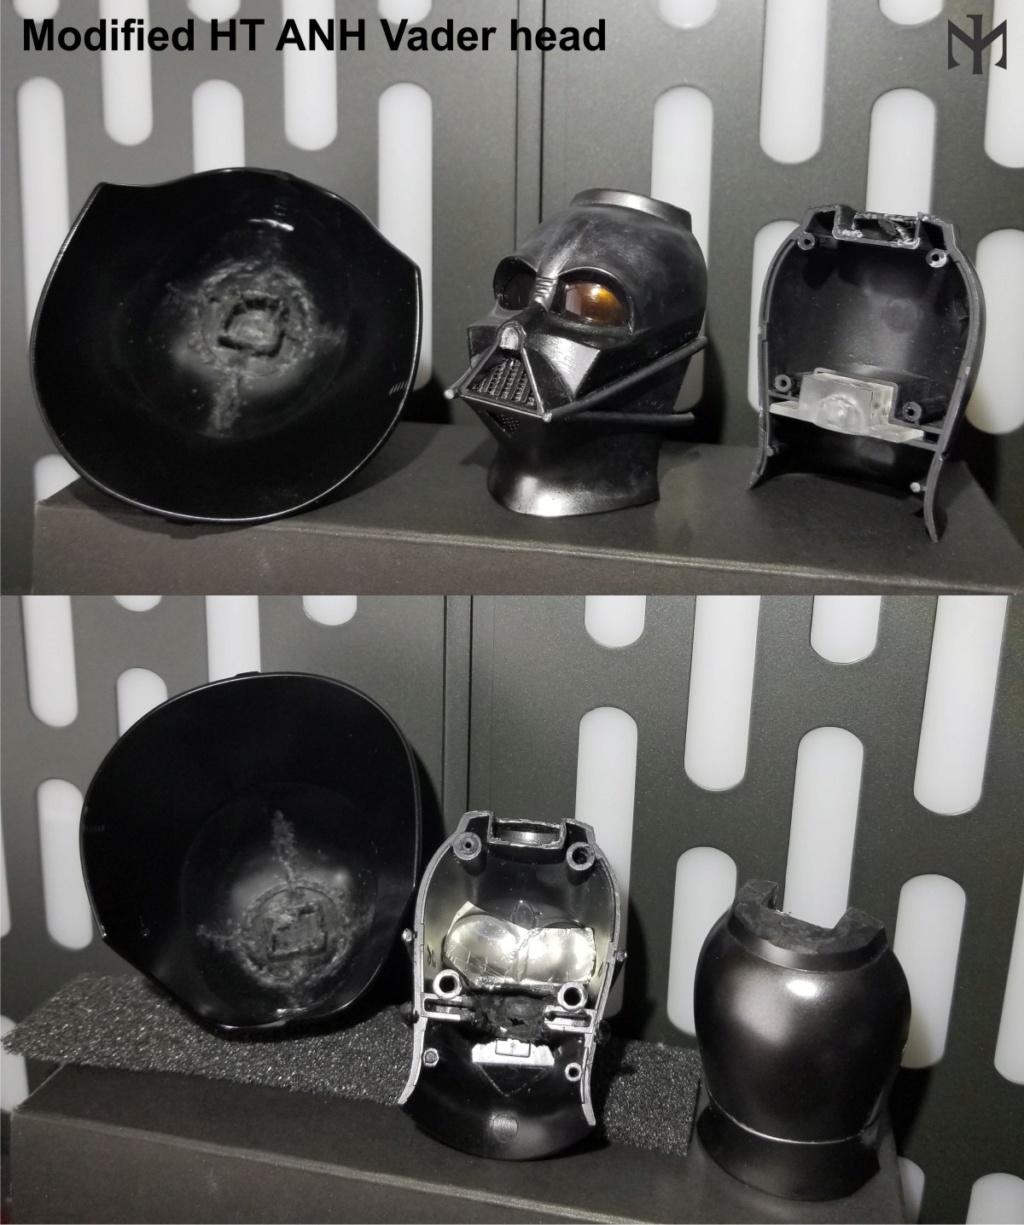 DarthVader - STAR WARS New customizing Hot Toys ESB Vader head Htdvan10